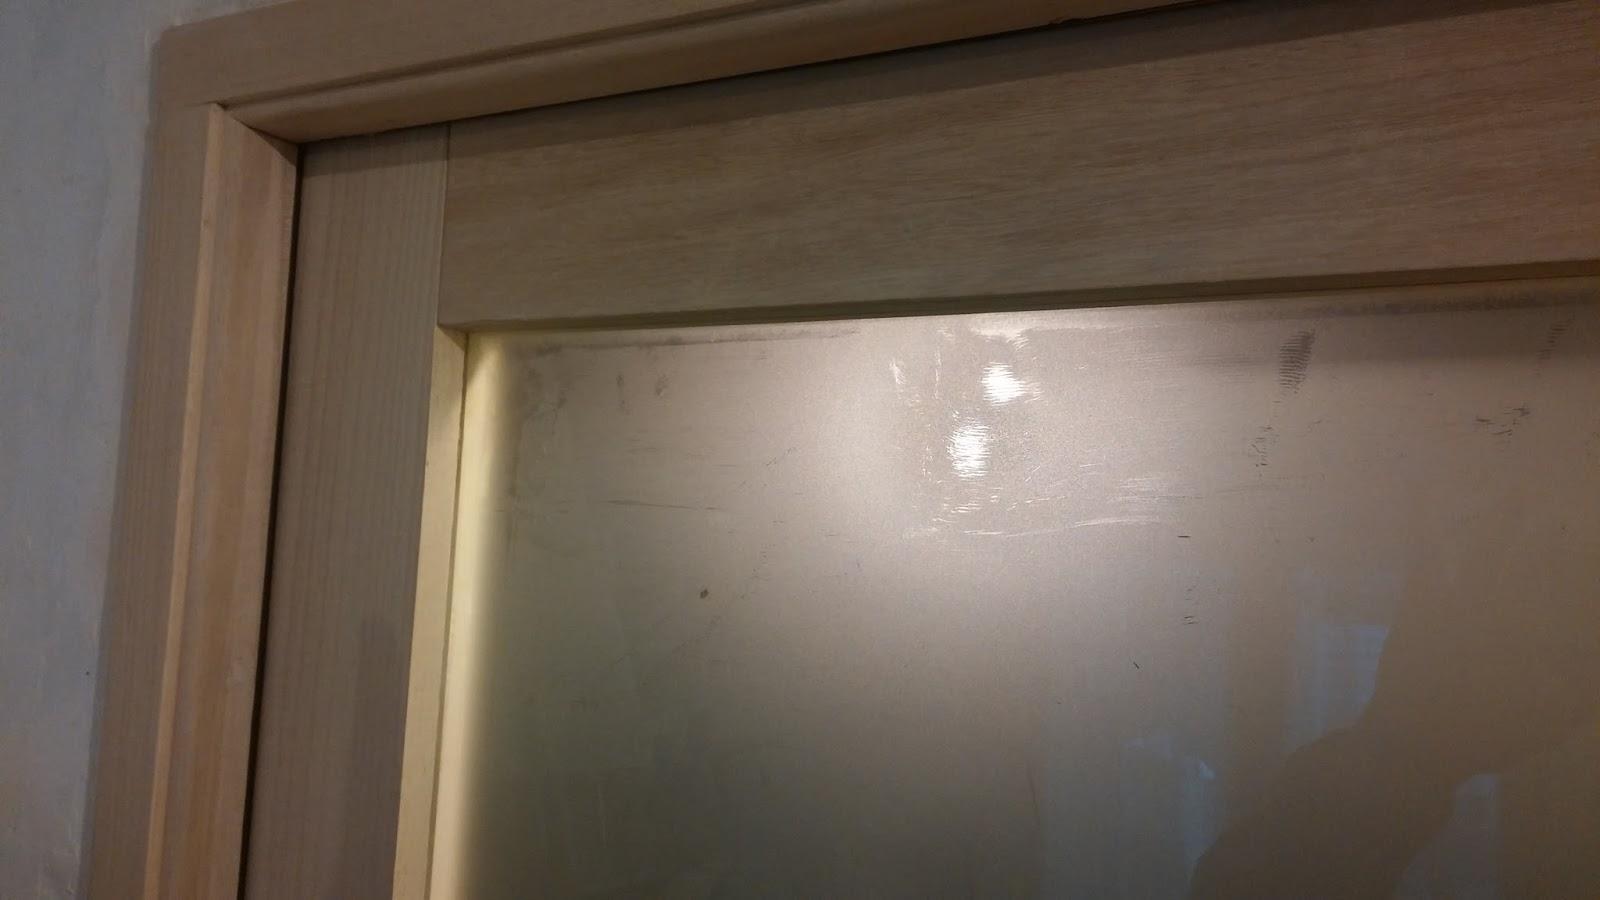 truc et astuce : nettoyé une vitre dépoli | / it is pop /